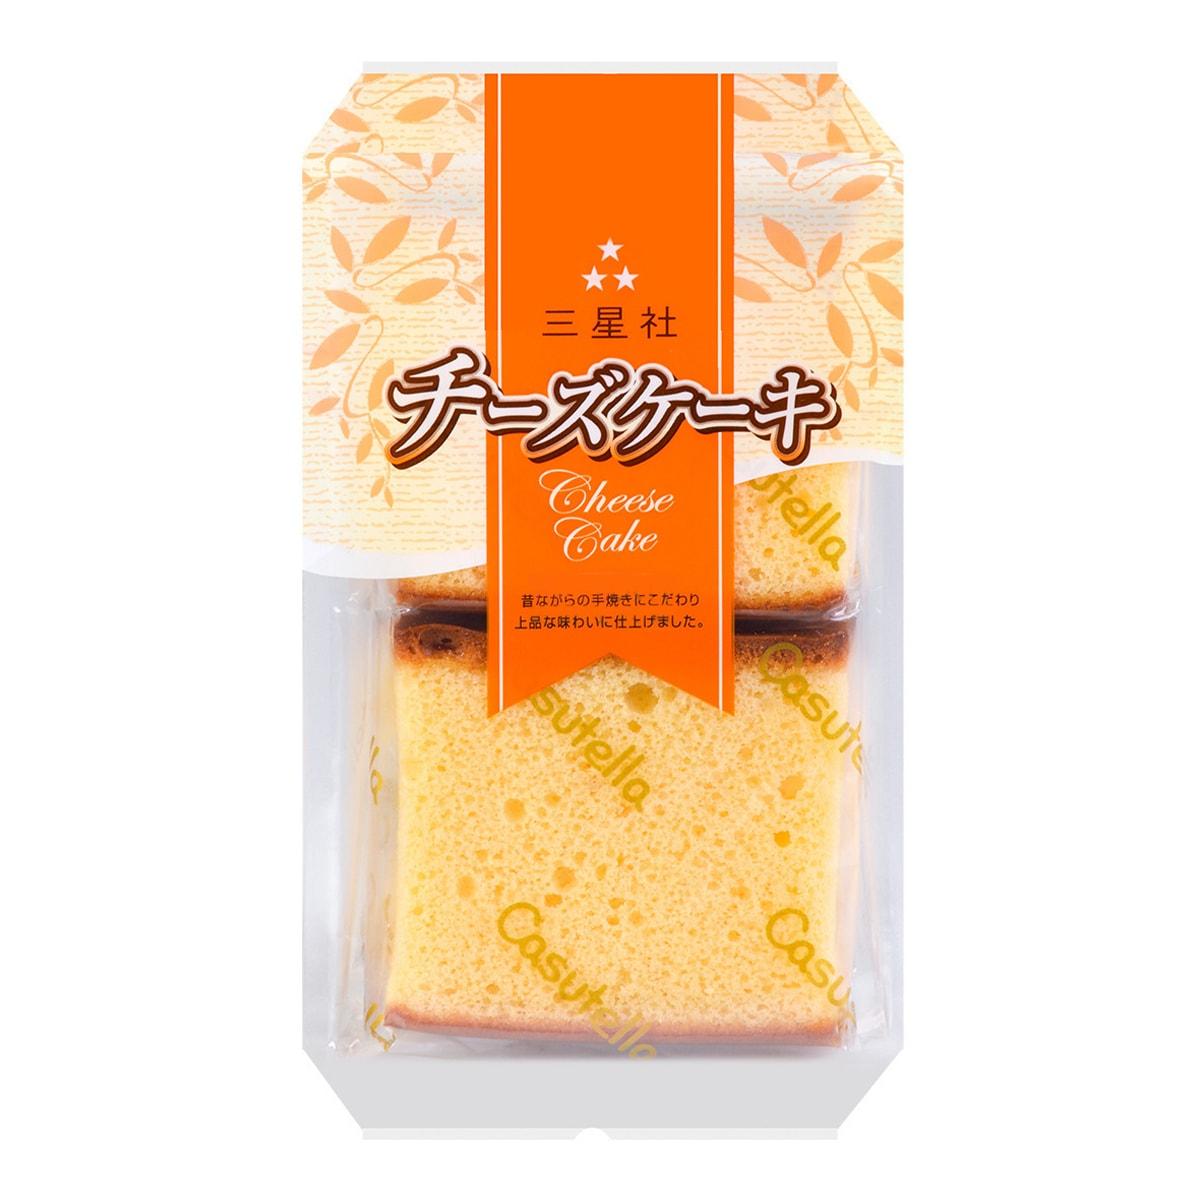 日本三星社 芝士蛋糕 200g